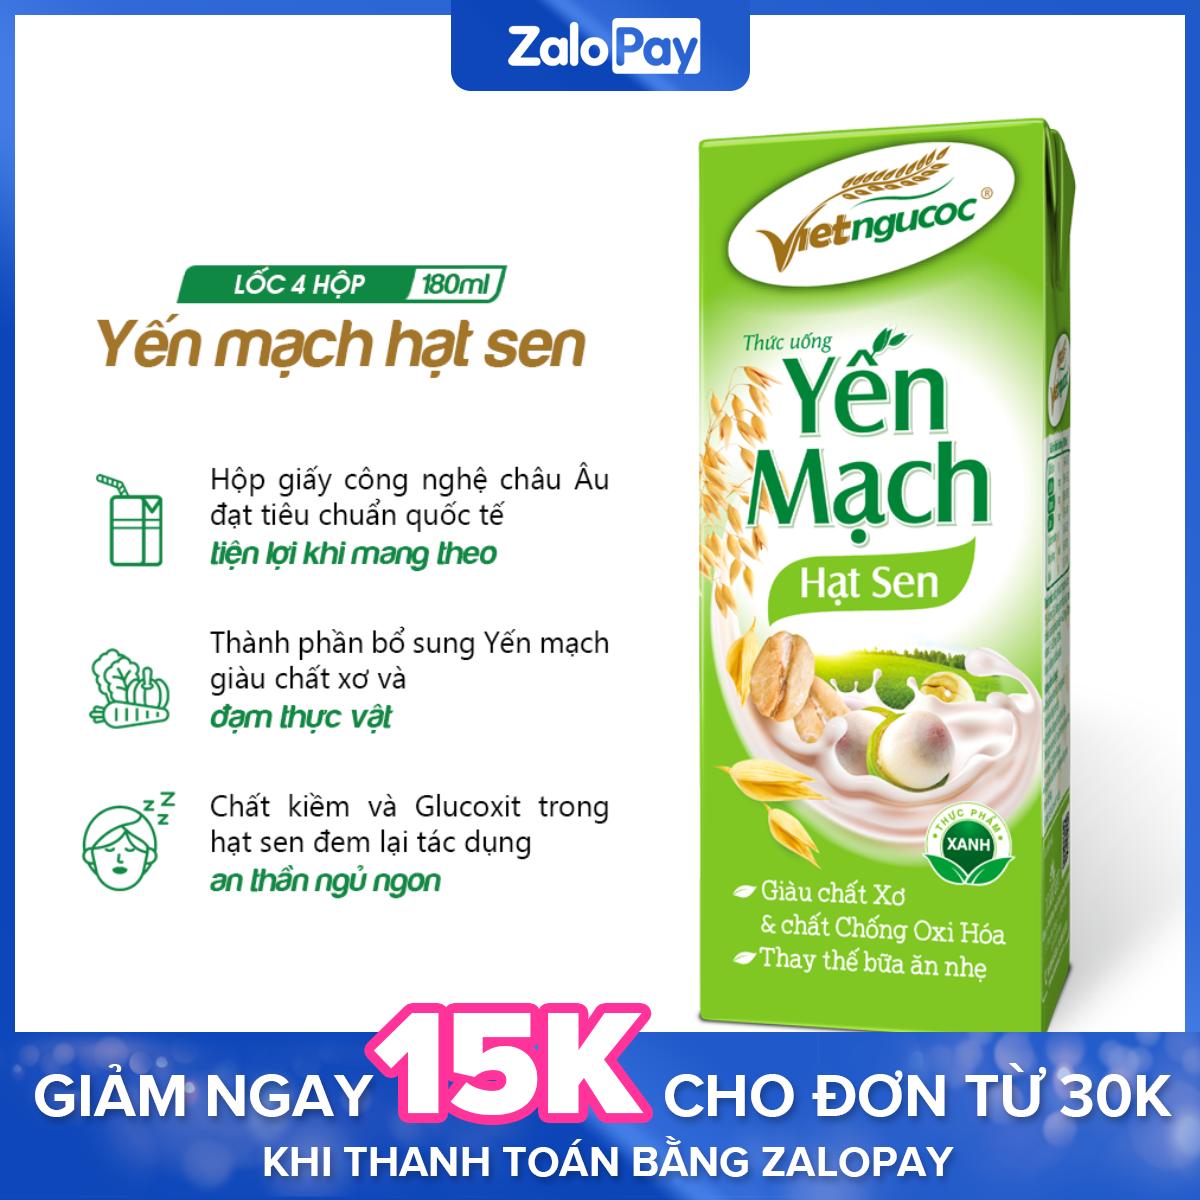 Thức uống Yến mạch hạt sen Việt Ngũ Cốc lốc 4 hộp 180ml [Date 15.1.2021]